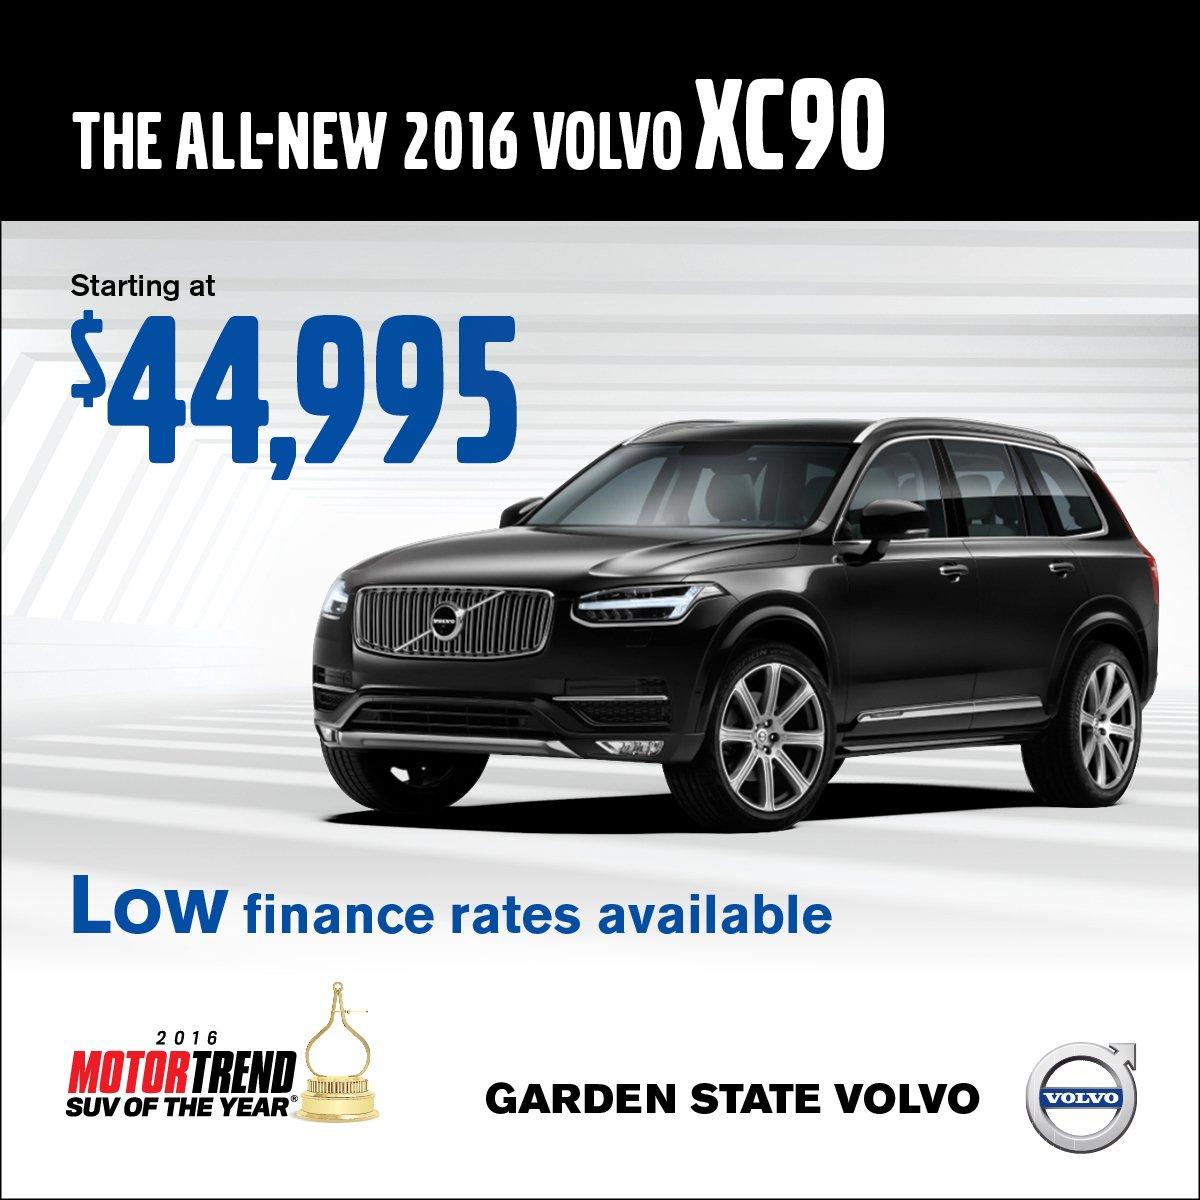 Garden State Volvo (@GS_Volvo) | Twitter